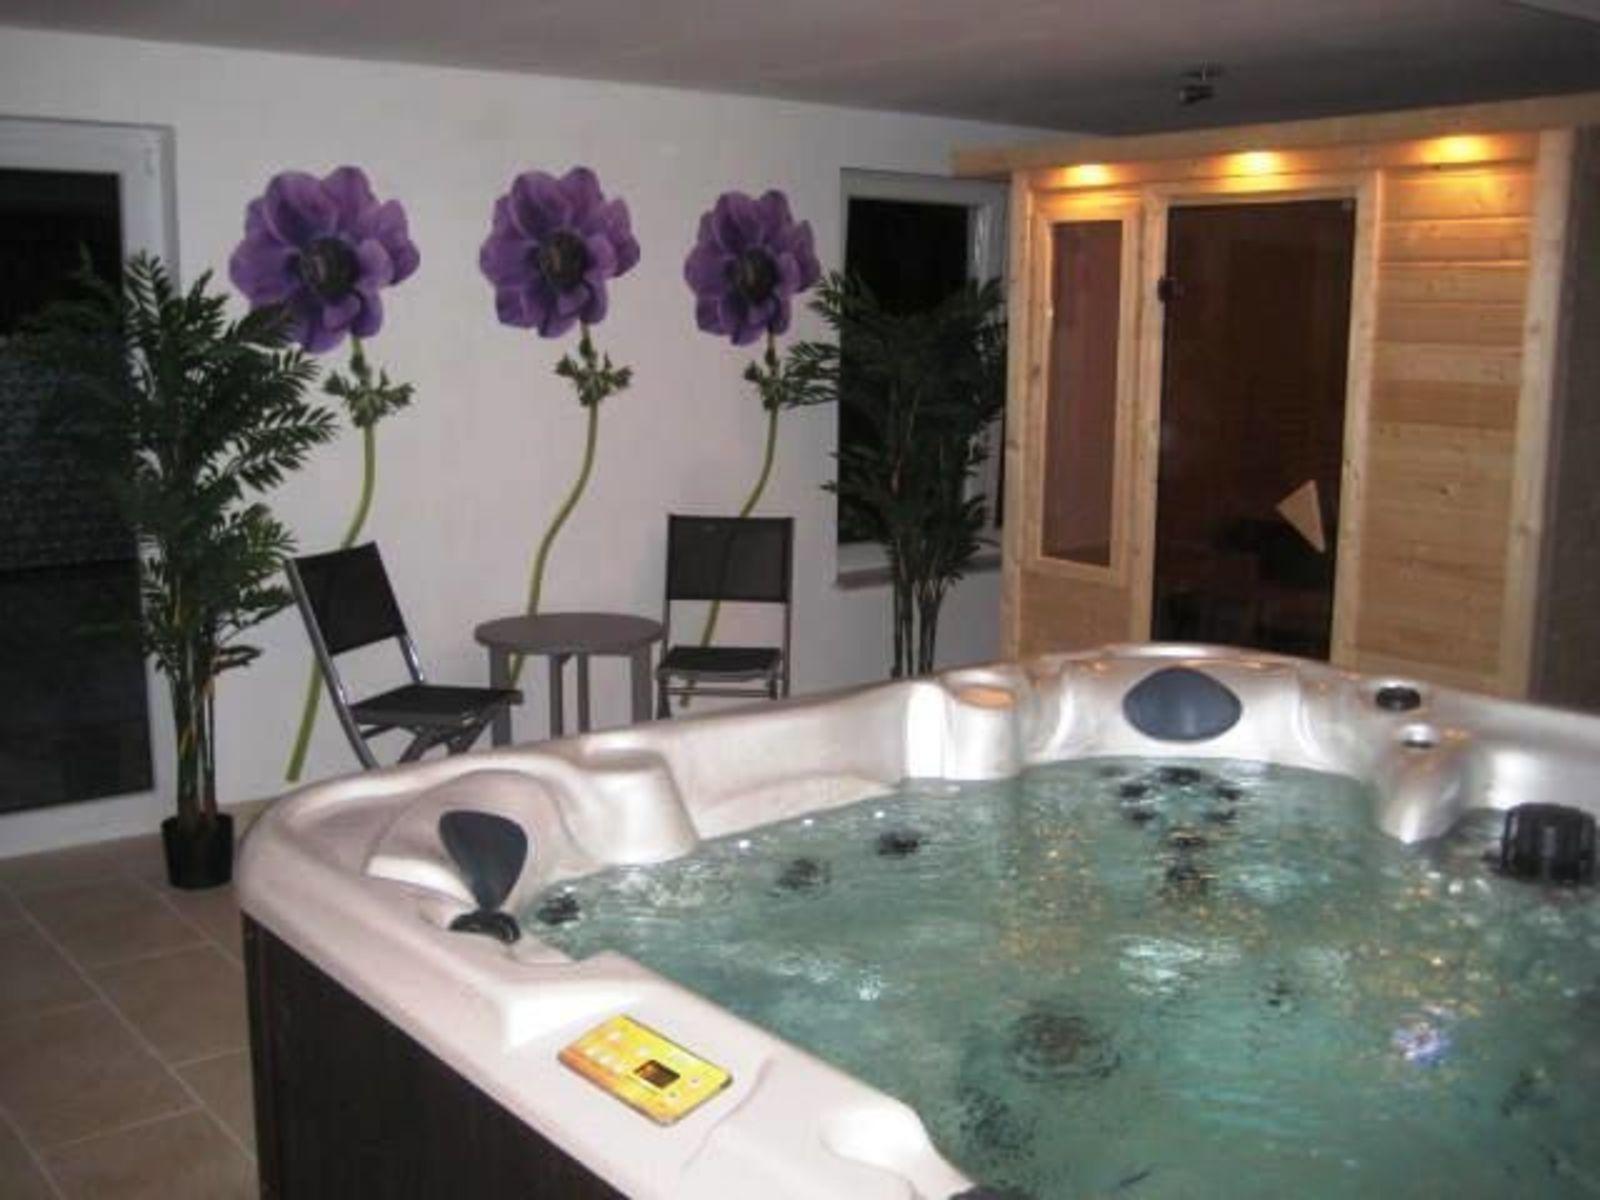 Huize Backemoor Ostfriesland - luxe vakantievilla voor groepen